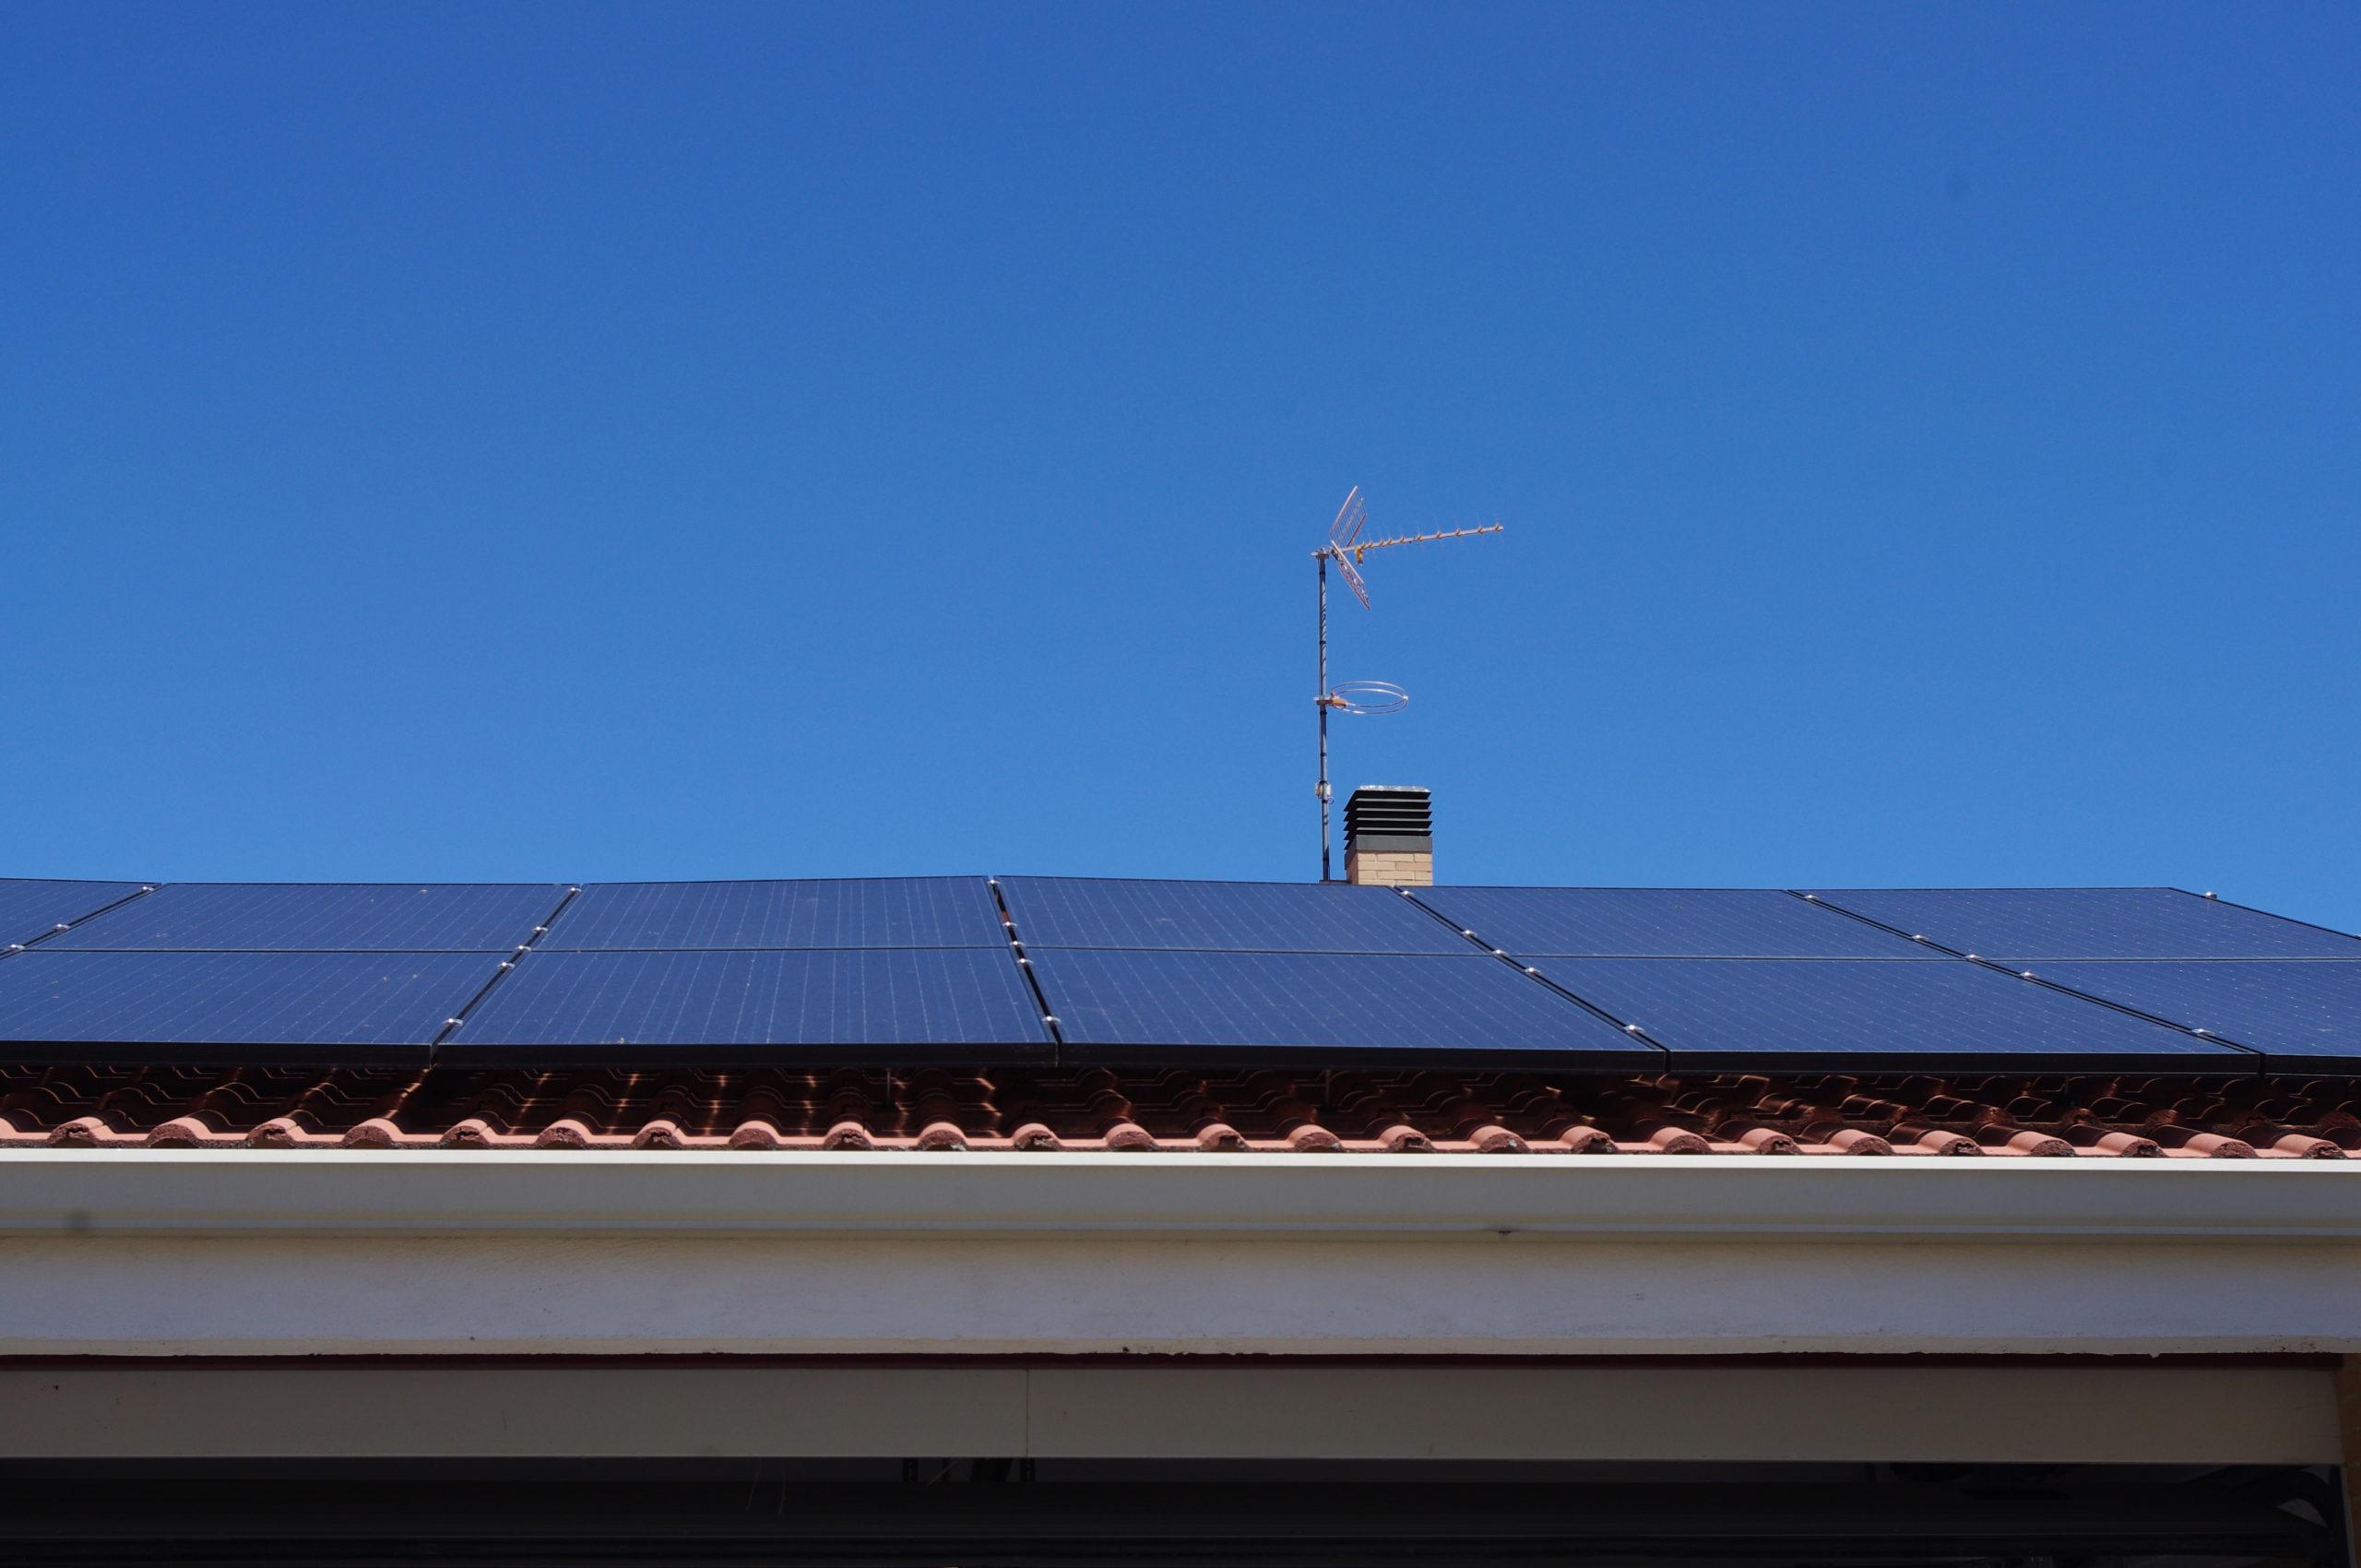 La pandemia altera los hábitos de consumo energético residencial en España